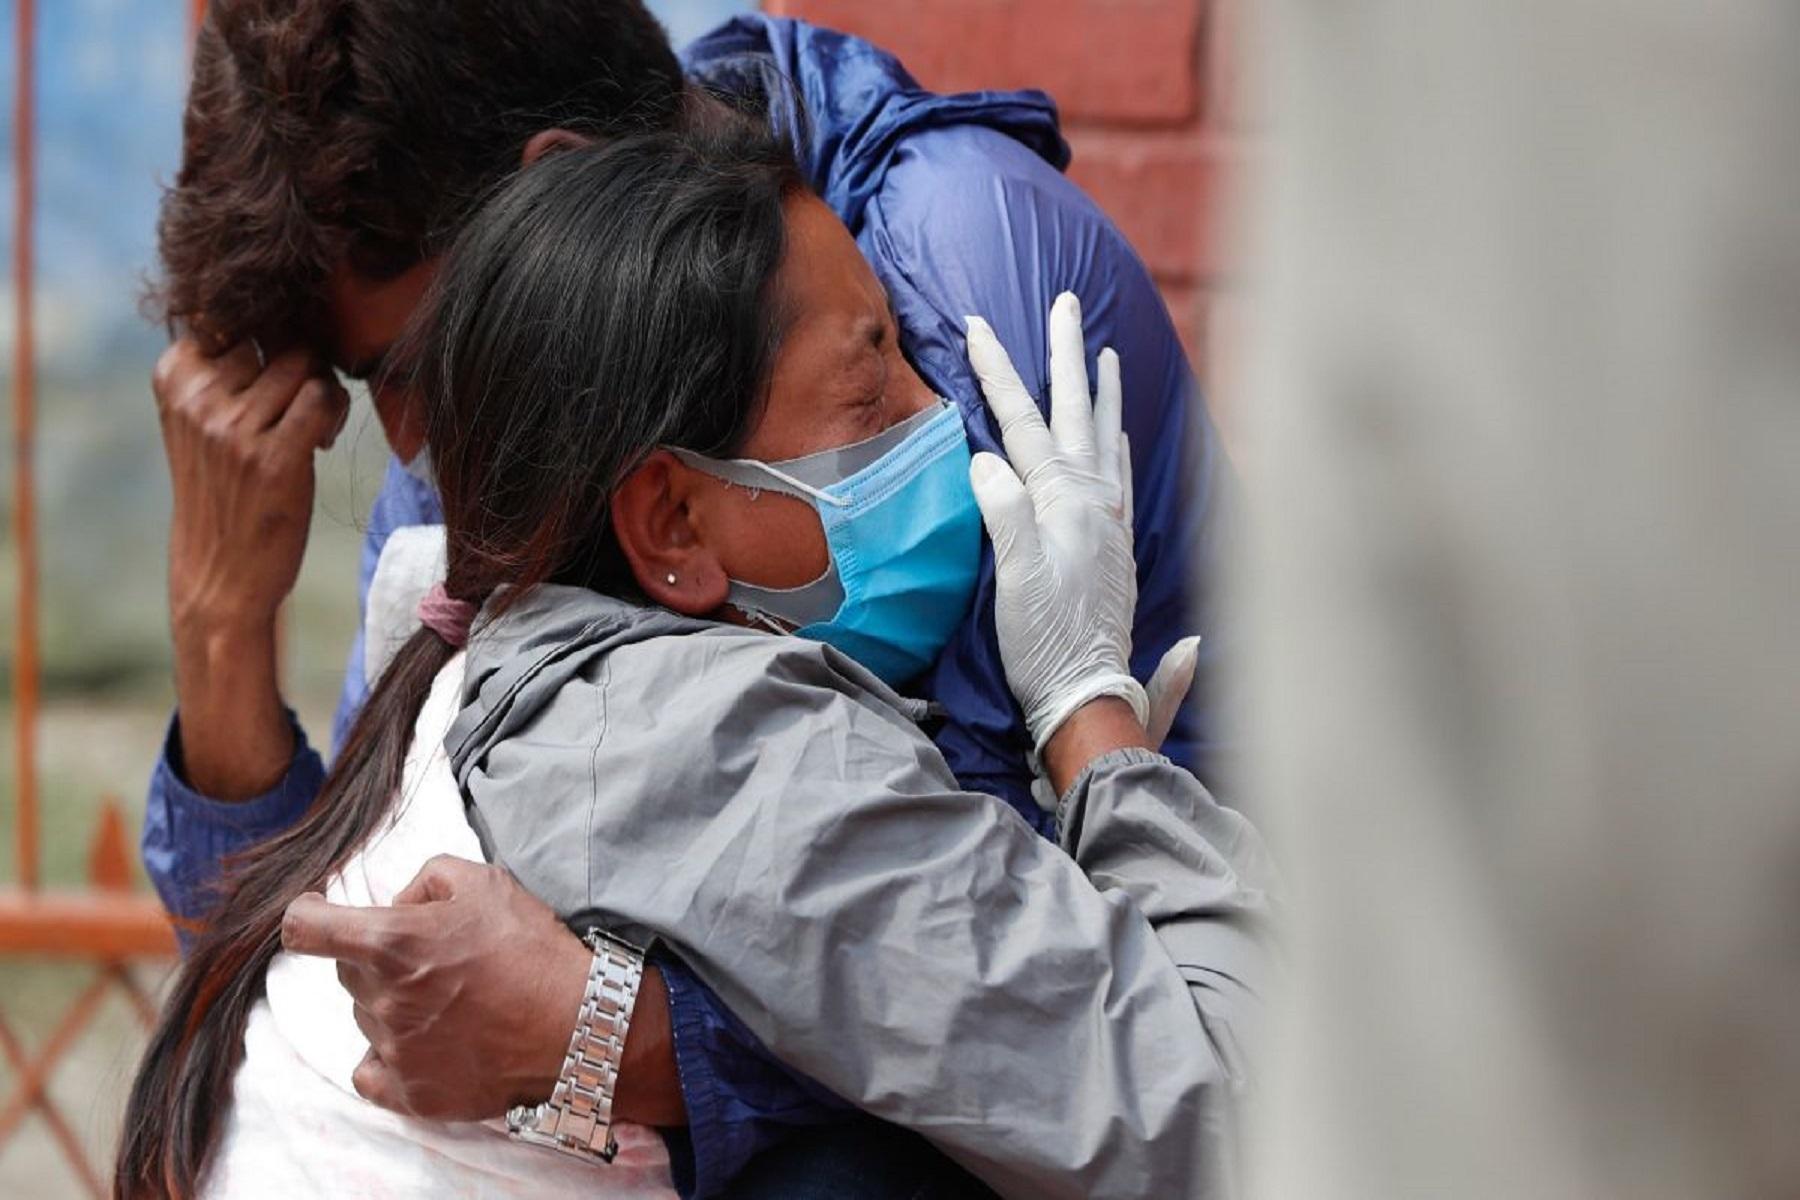 Νεπάλ Covid-19: Η αύξηση του κορωνοϊού μπορεί να είναι χειρότερη από αυτή στην Ινδία